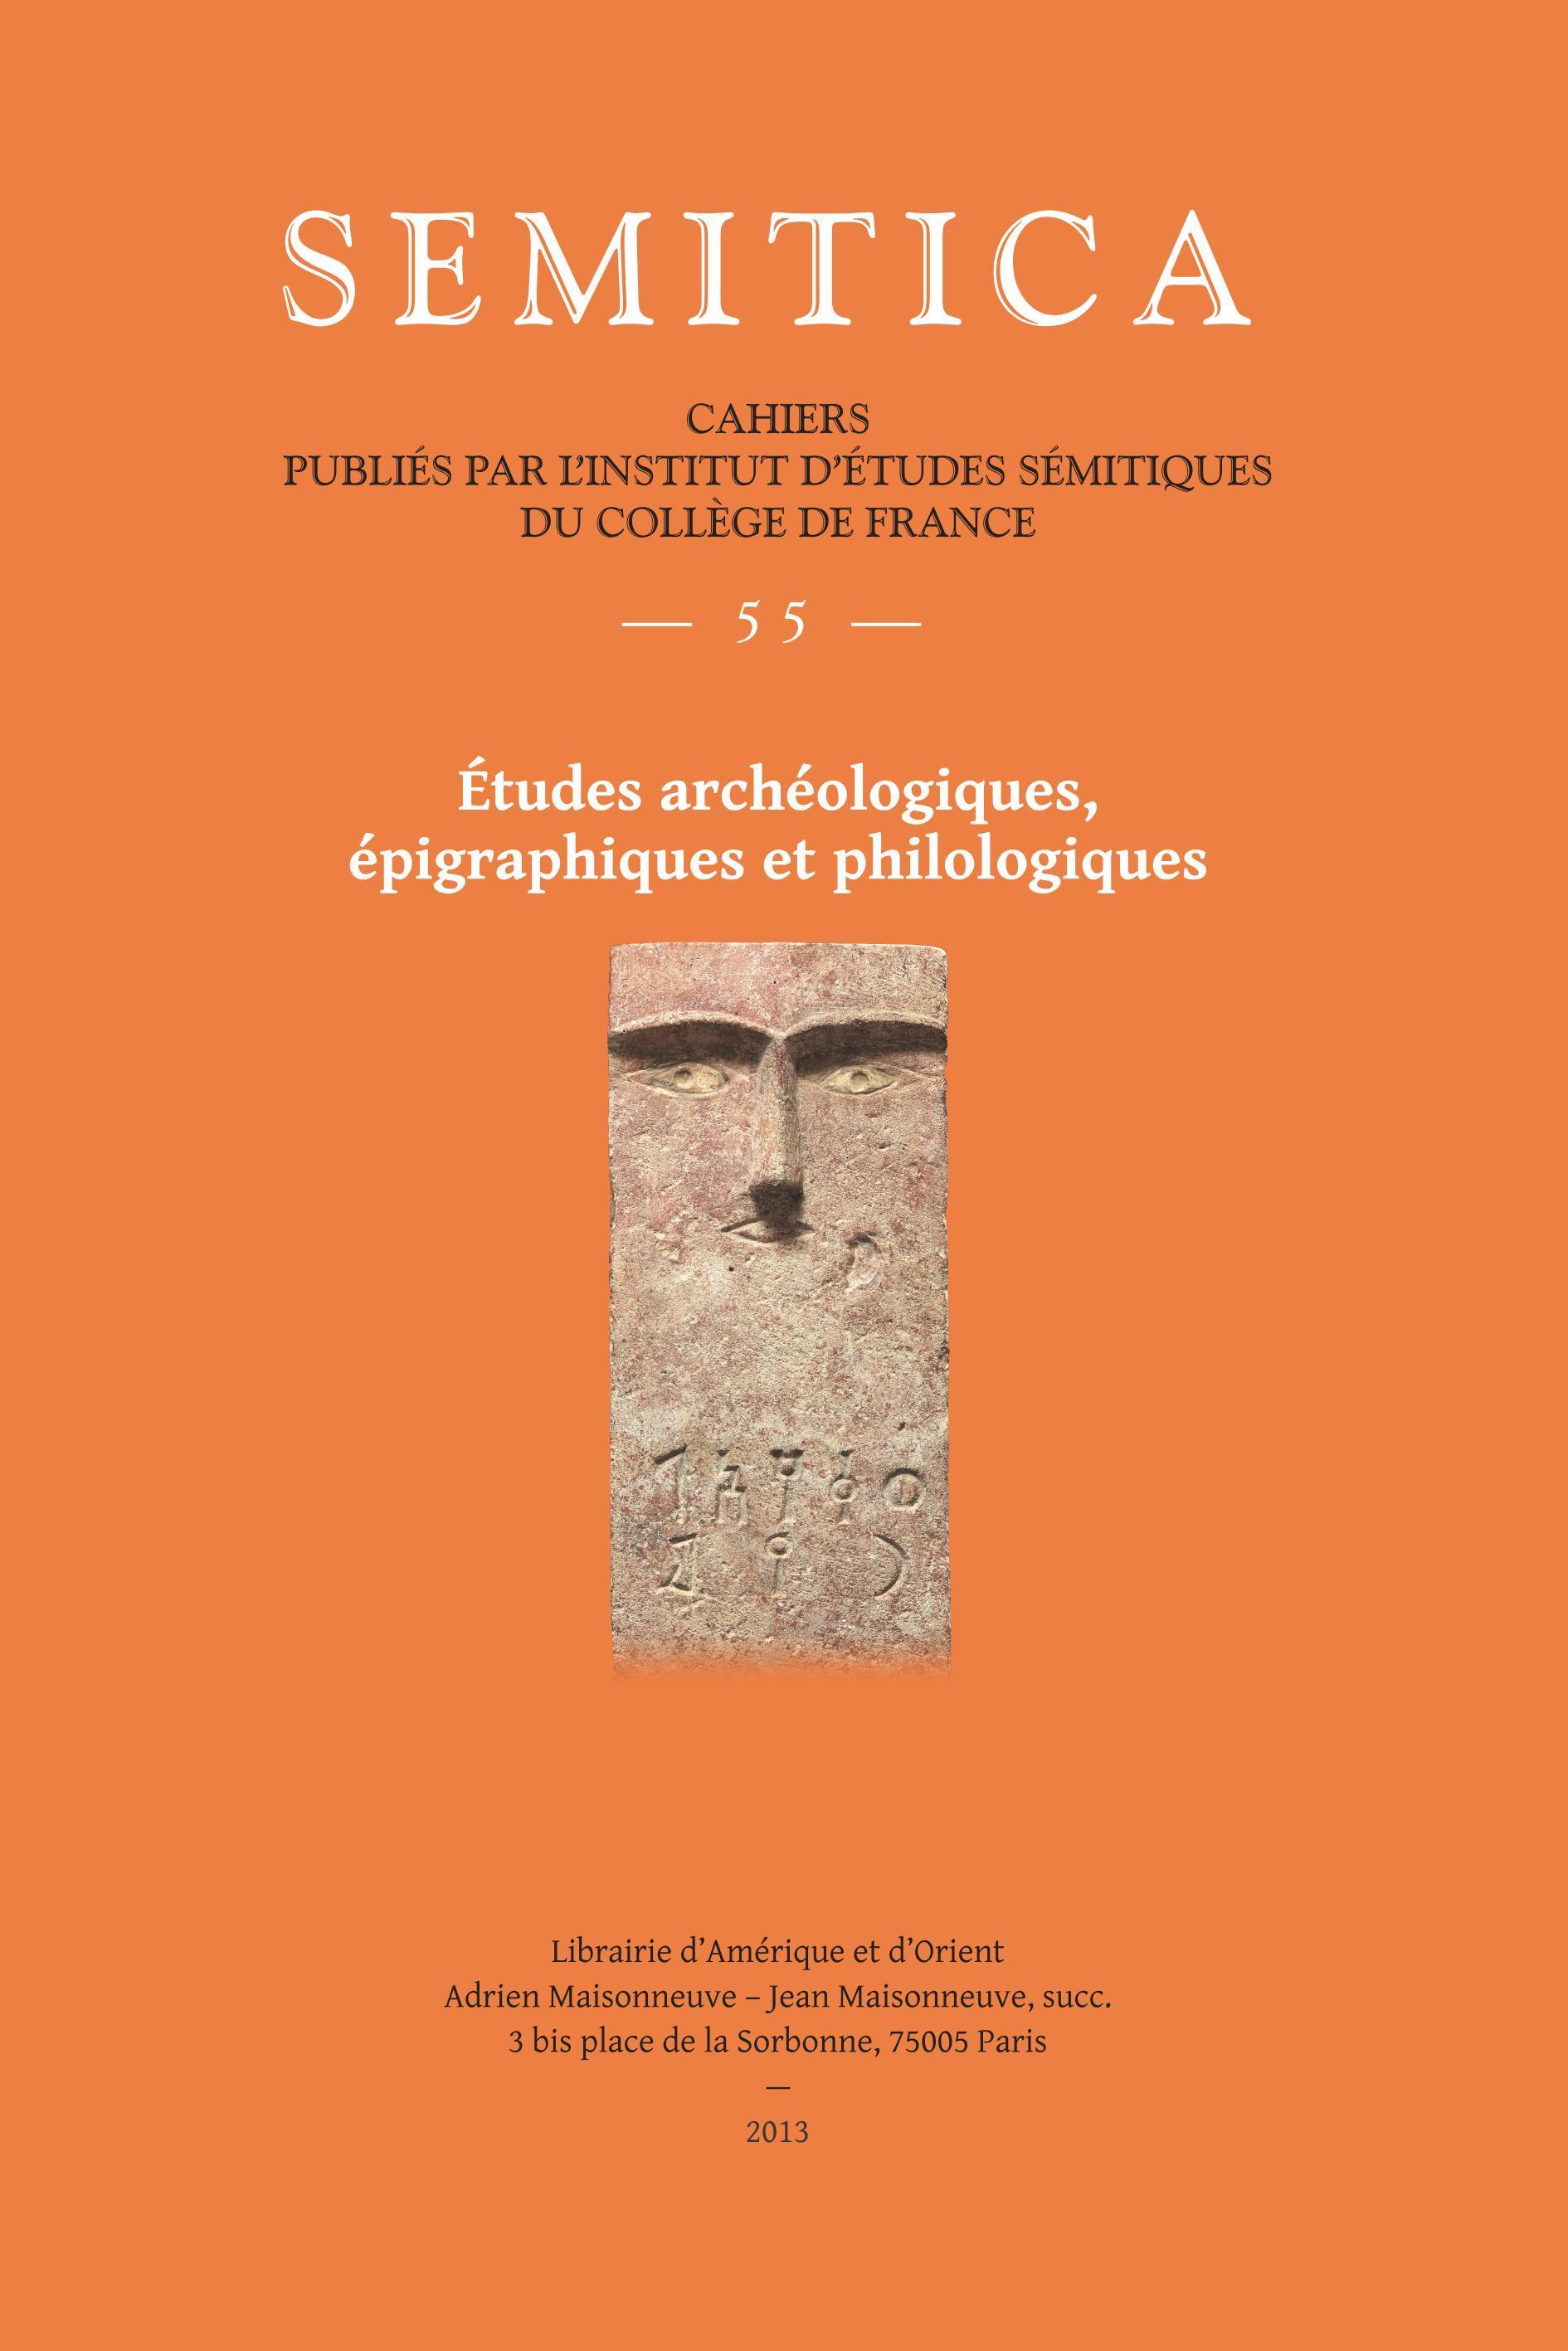 SEMITICA 55 ETUDES ARCHEOLOGIQUES EPIGRAPHIQUES PHILOLOGIQUES